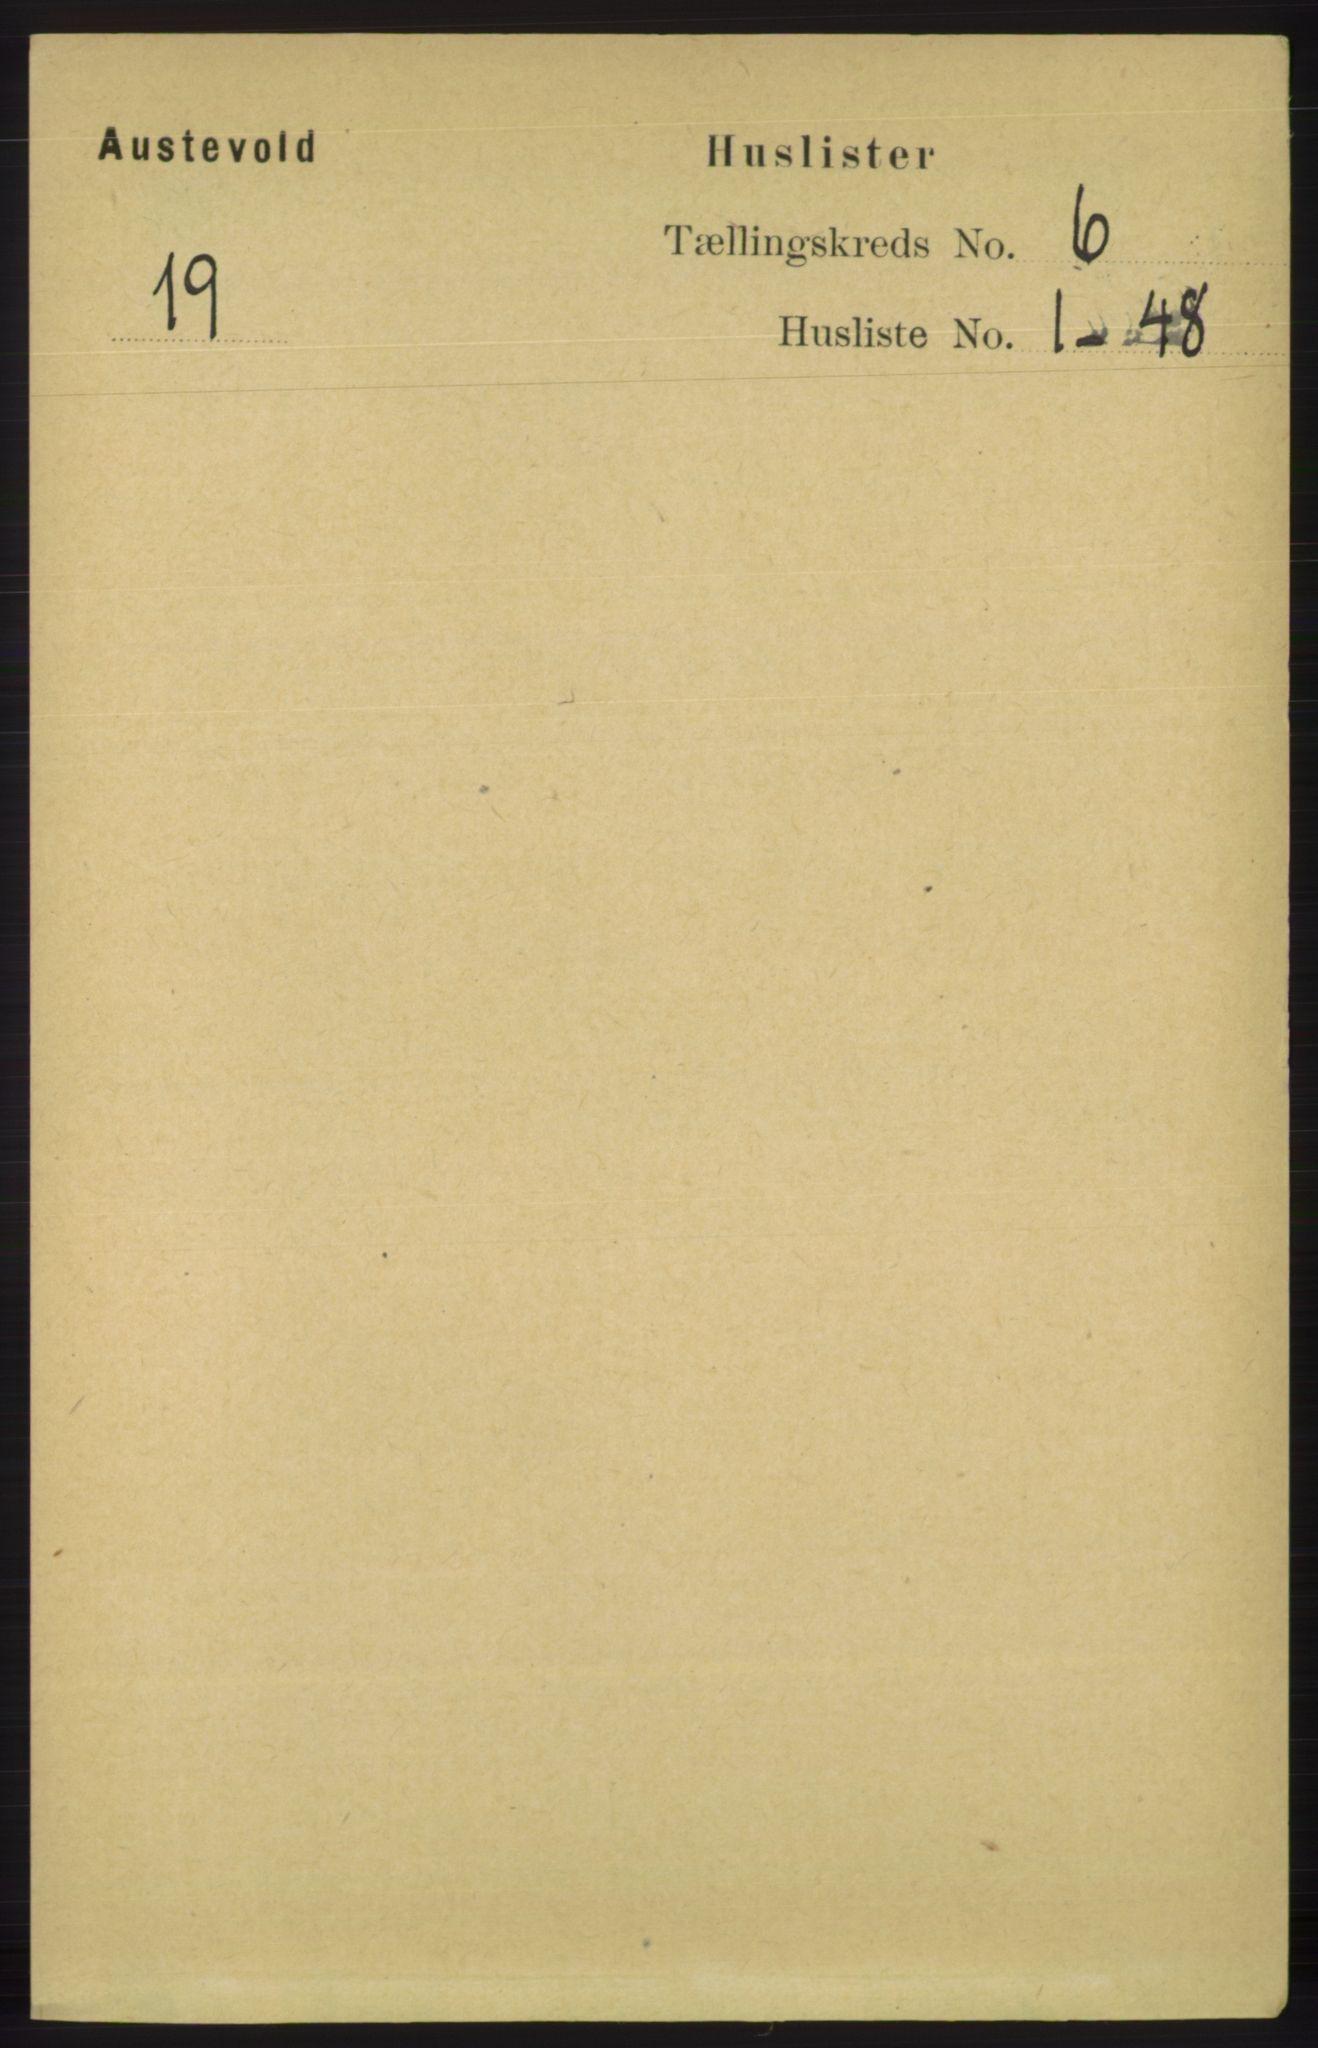 RA, Folketelling 1891 for 1244 Austevoll herred, 1891, s. 2516